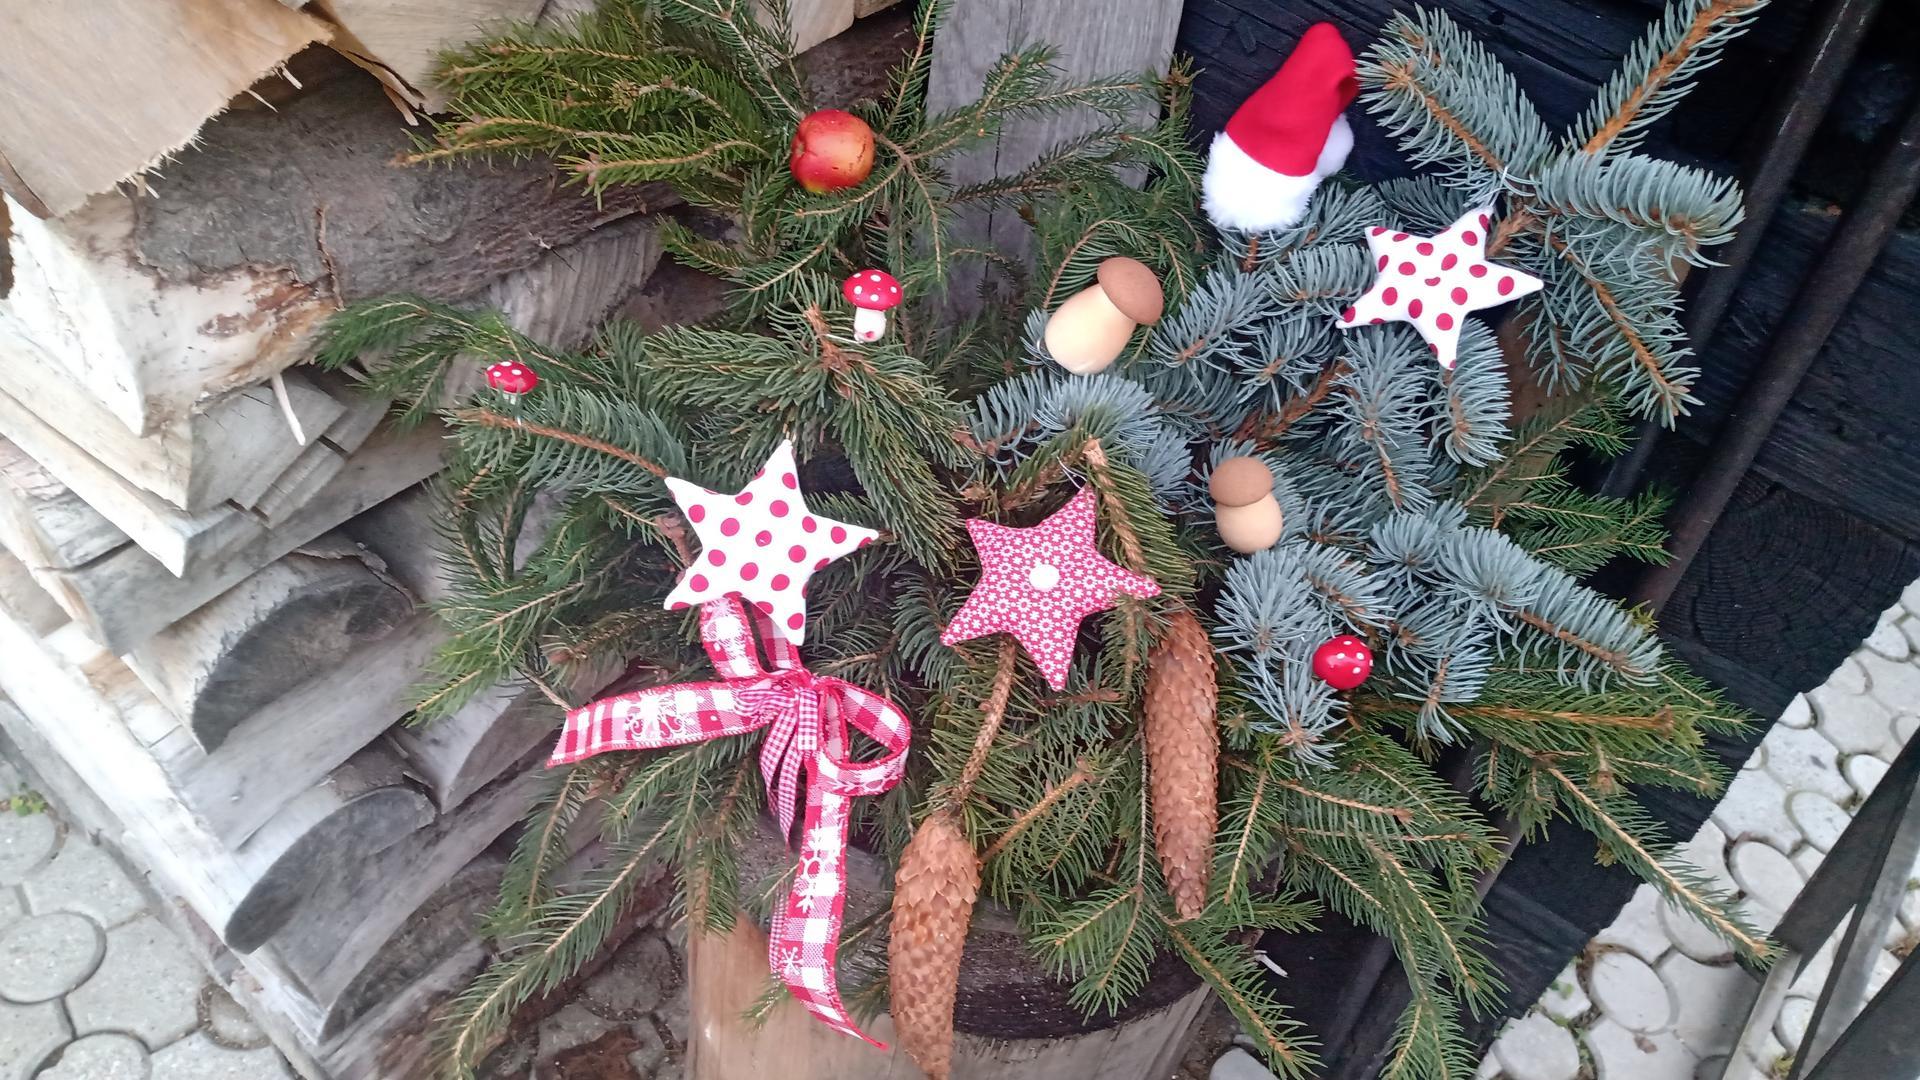 Vianocna vyzdoba a vianocne dekoracie 2020 - Obrázok č. 25